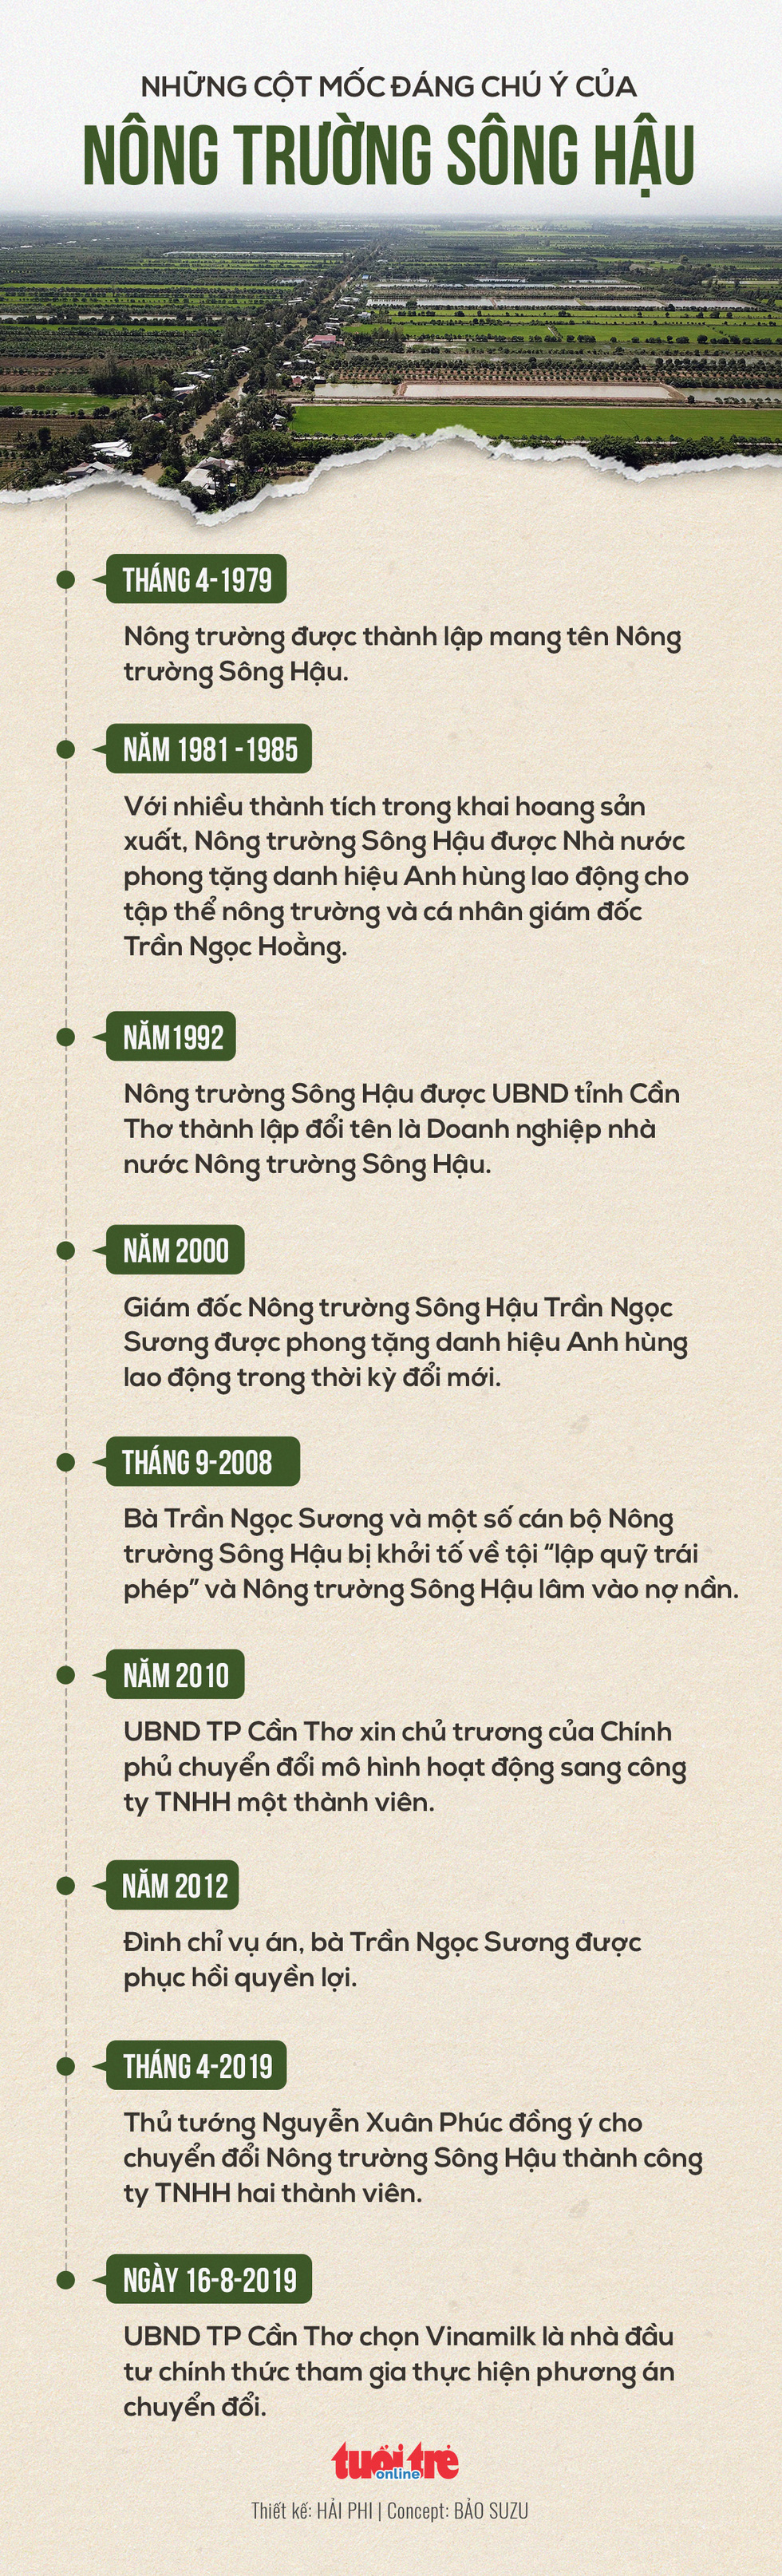 Những cột mốc đáng chú ý của Nông trường Sông Hậu - Ảnh 1.